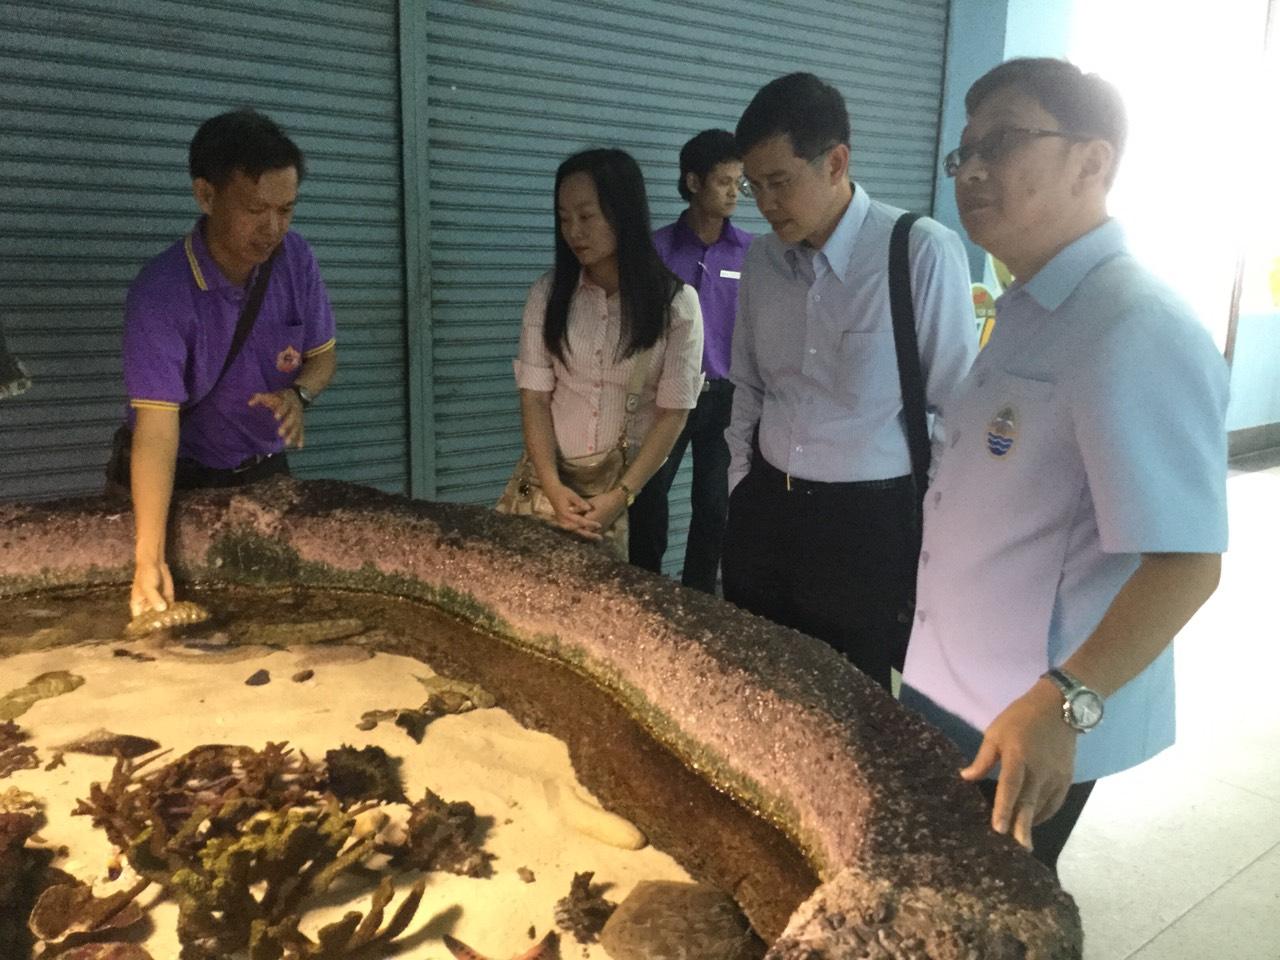 ทช.ติดตามความคืบหน้าการบริหารเงินทุนหมุนเวียนสถานแสดงพันธุ์สัตว์น้ำภูเก็ต